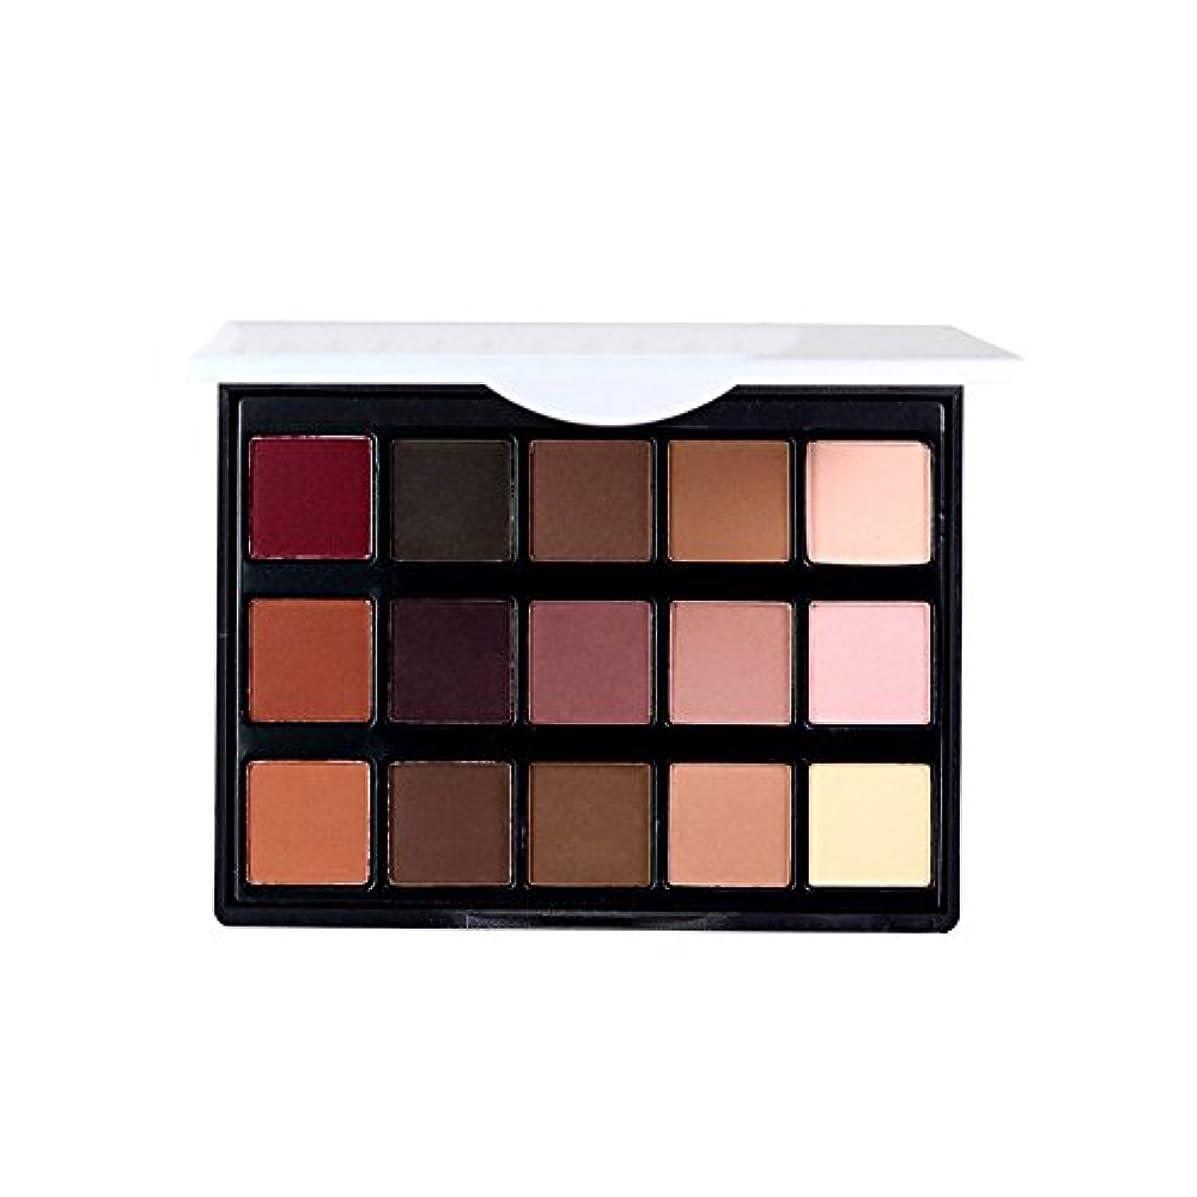 日とにかく腐敗した女性 プロフェッショナル15色 眼 影 化粧品 パレット アイシャドウ アイメイク アップ化粧品 1